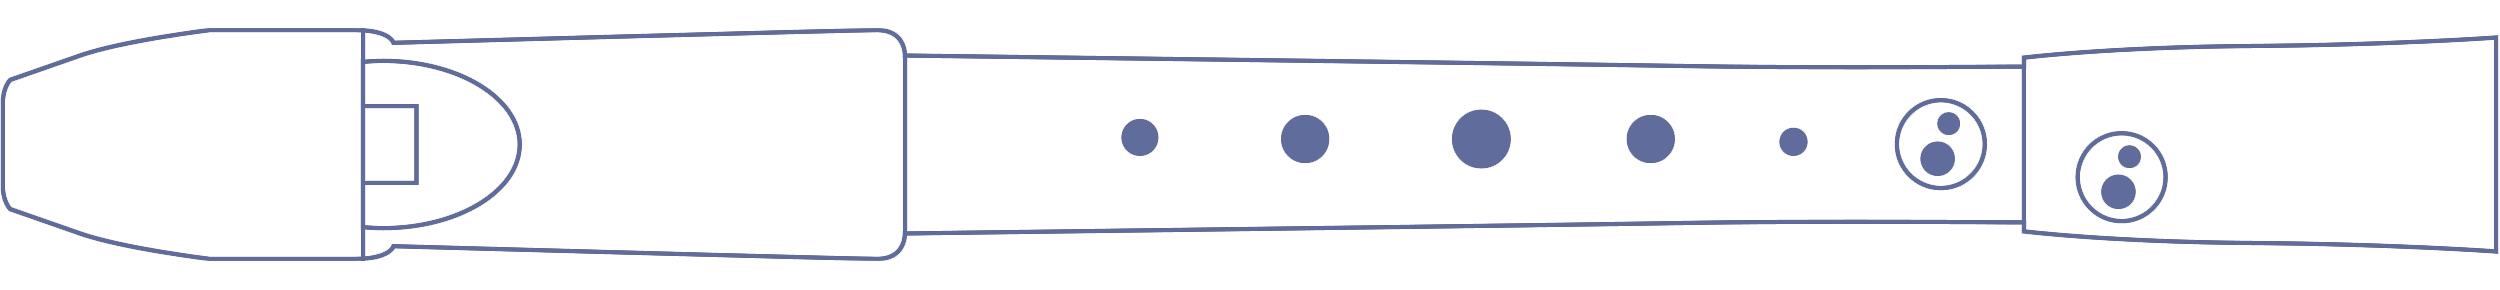 Blockfloete-deutsch-doppelloch